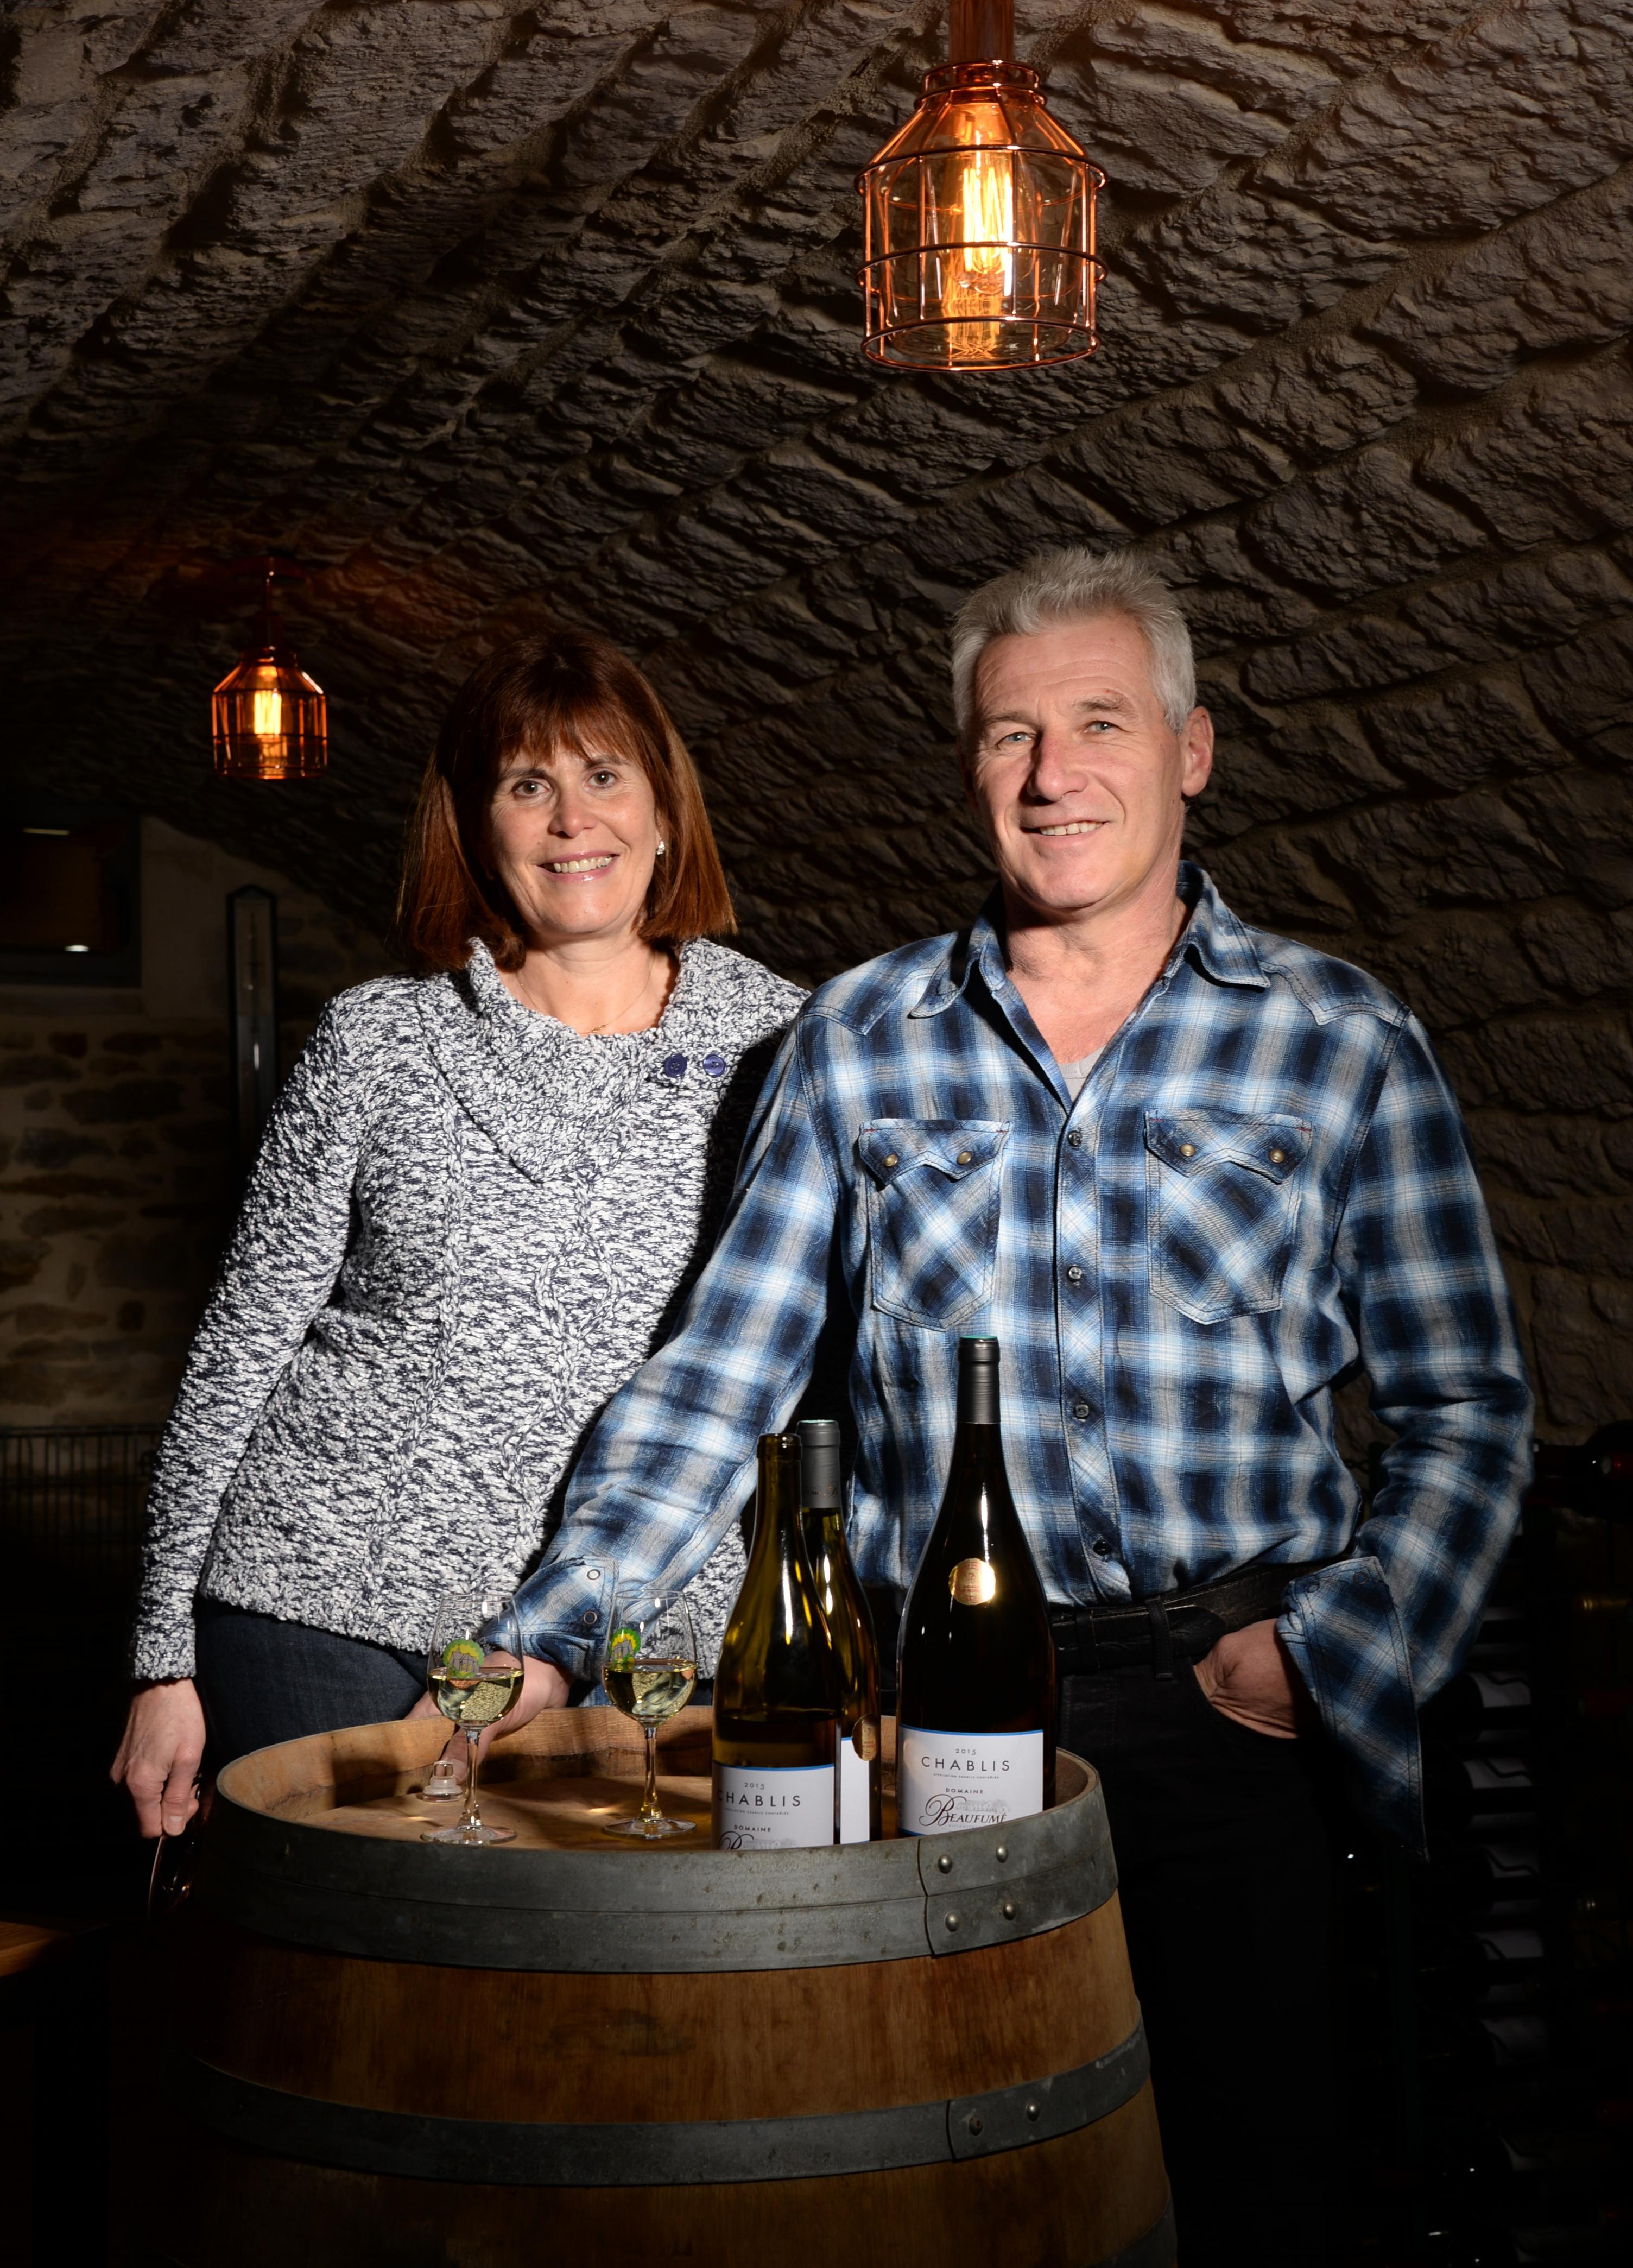 Valérie et Bernard Beaufumé Domaine Beaufumé vins de Chablis